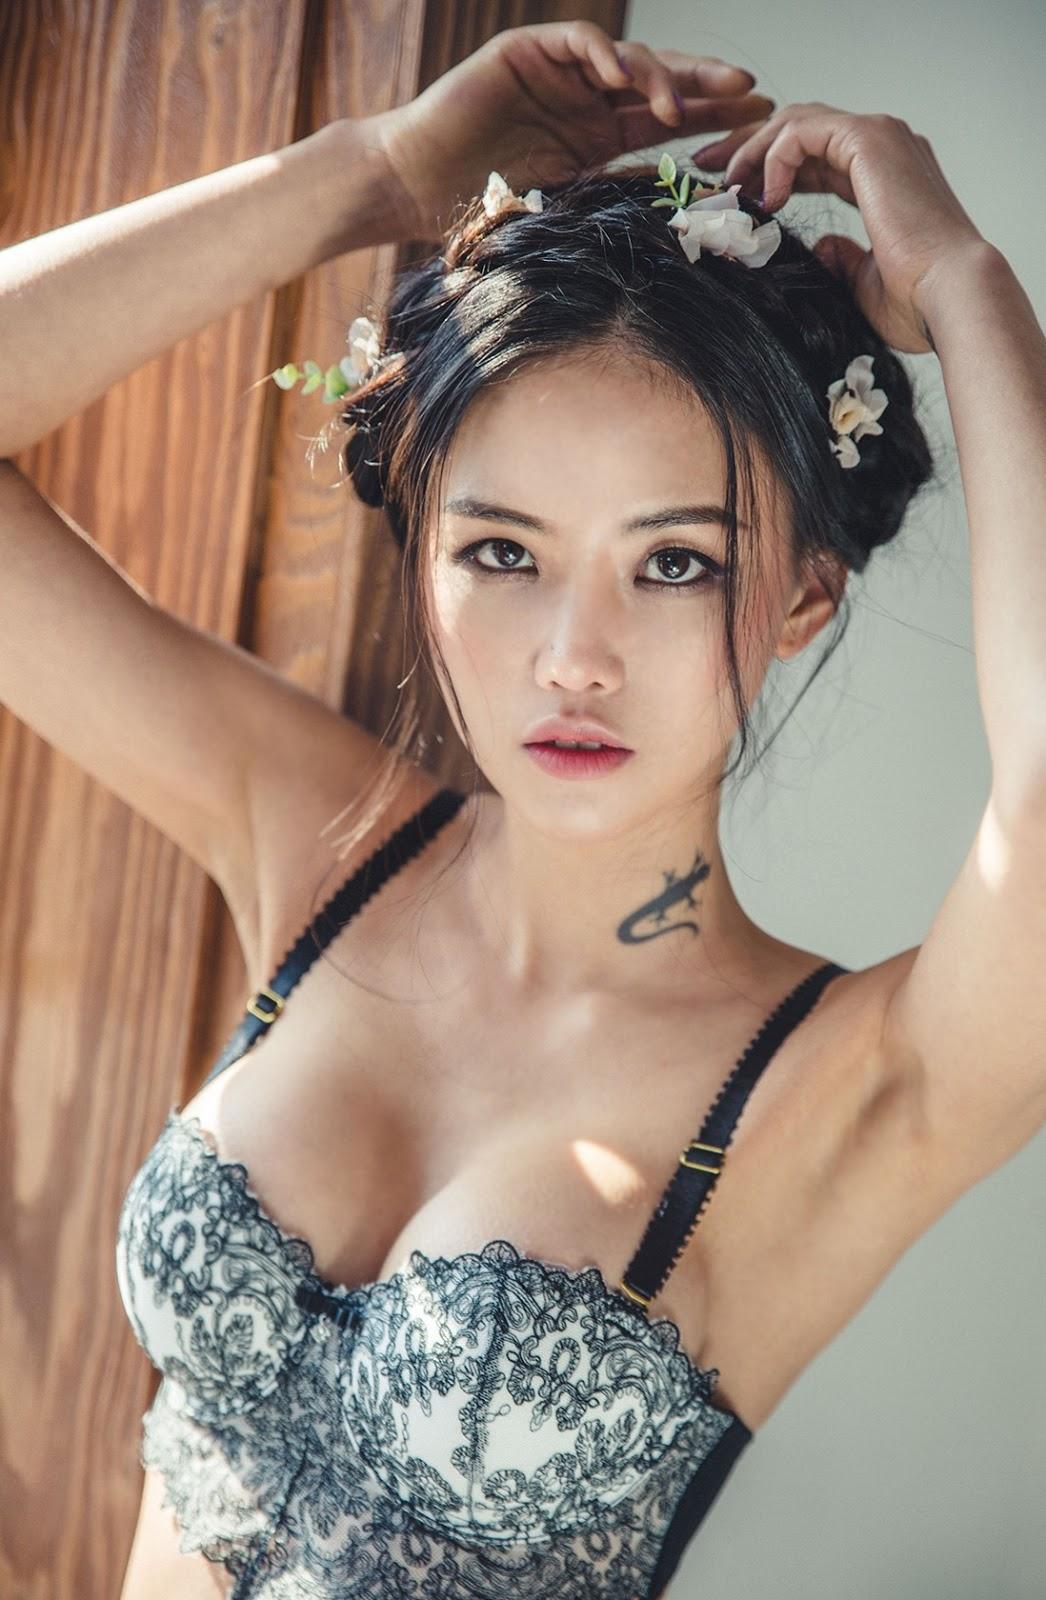 So ye jin sexy, nude malay fetish